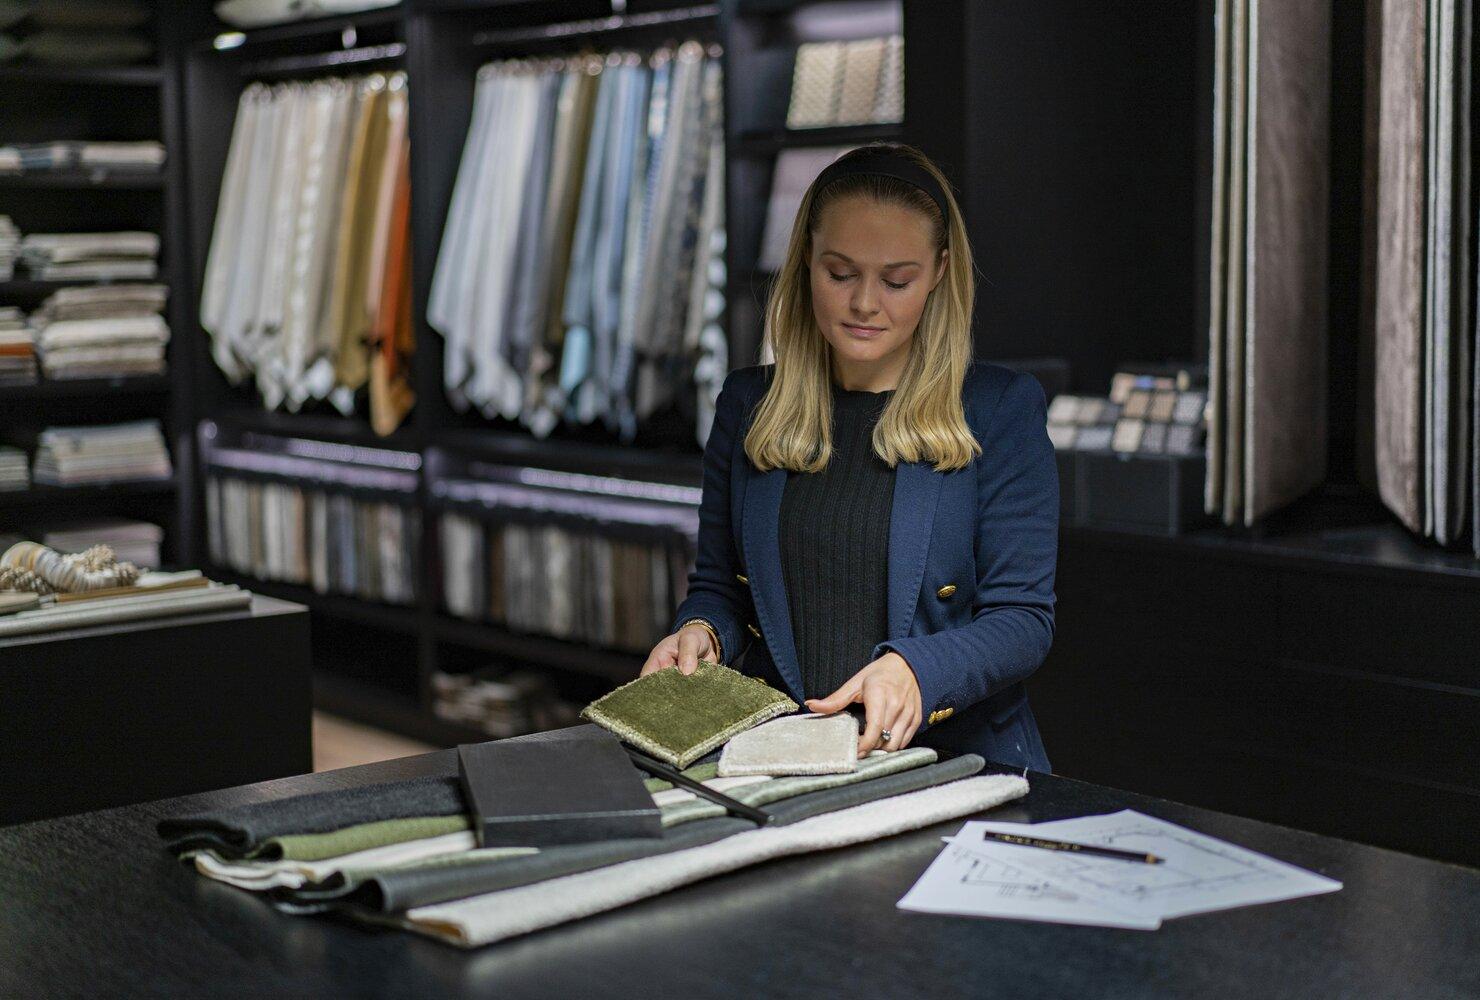 Det er mange detaljer som må stemme for å skape en møblering som fungerer år etter år. Hos Slettvoll får du hjelp til å planlegge innredningen av både hytte og hjem av erfarne interiørdesignere.